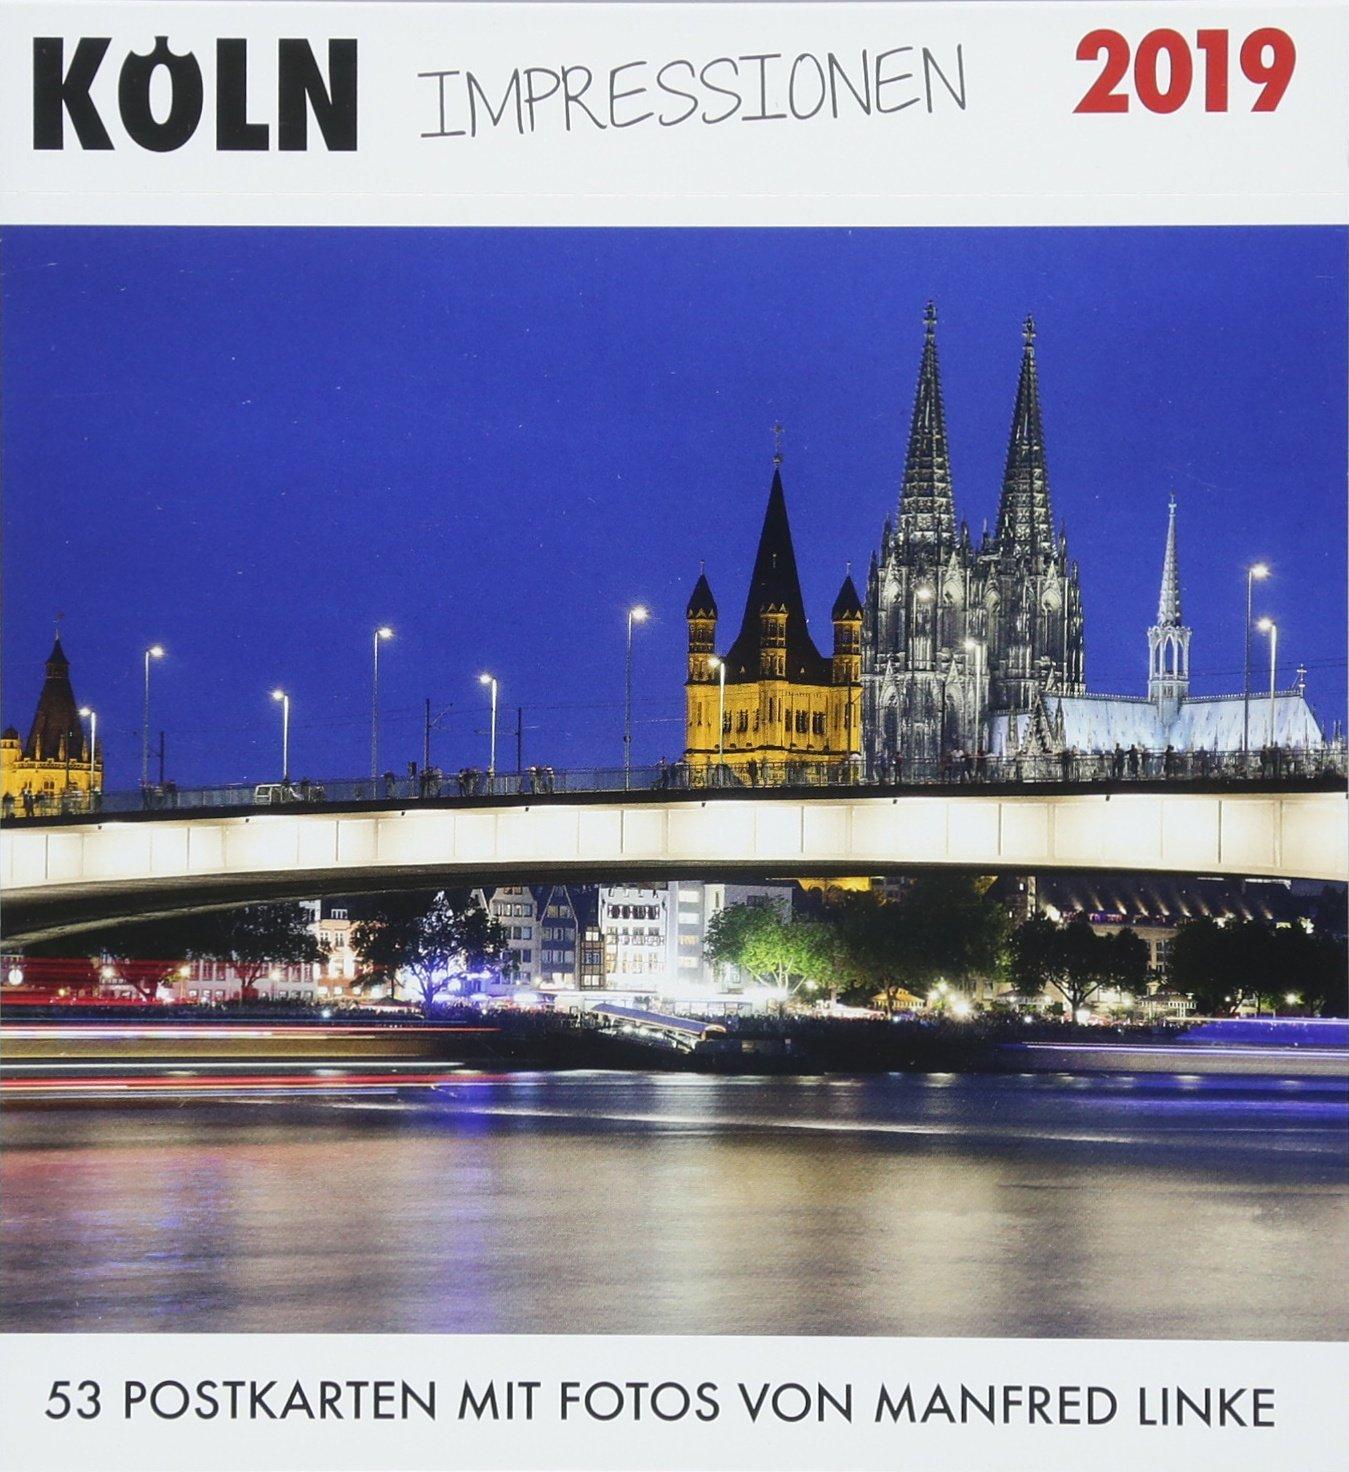 Köln Impressionen 2019: 53 Postkarten mit Fotos von Manfred Linke